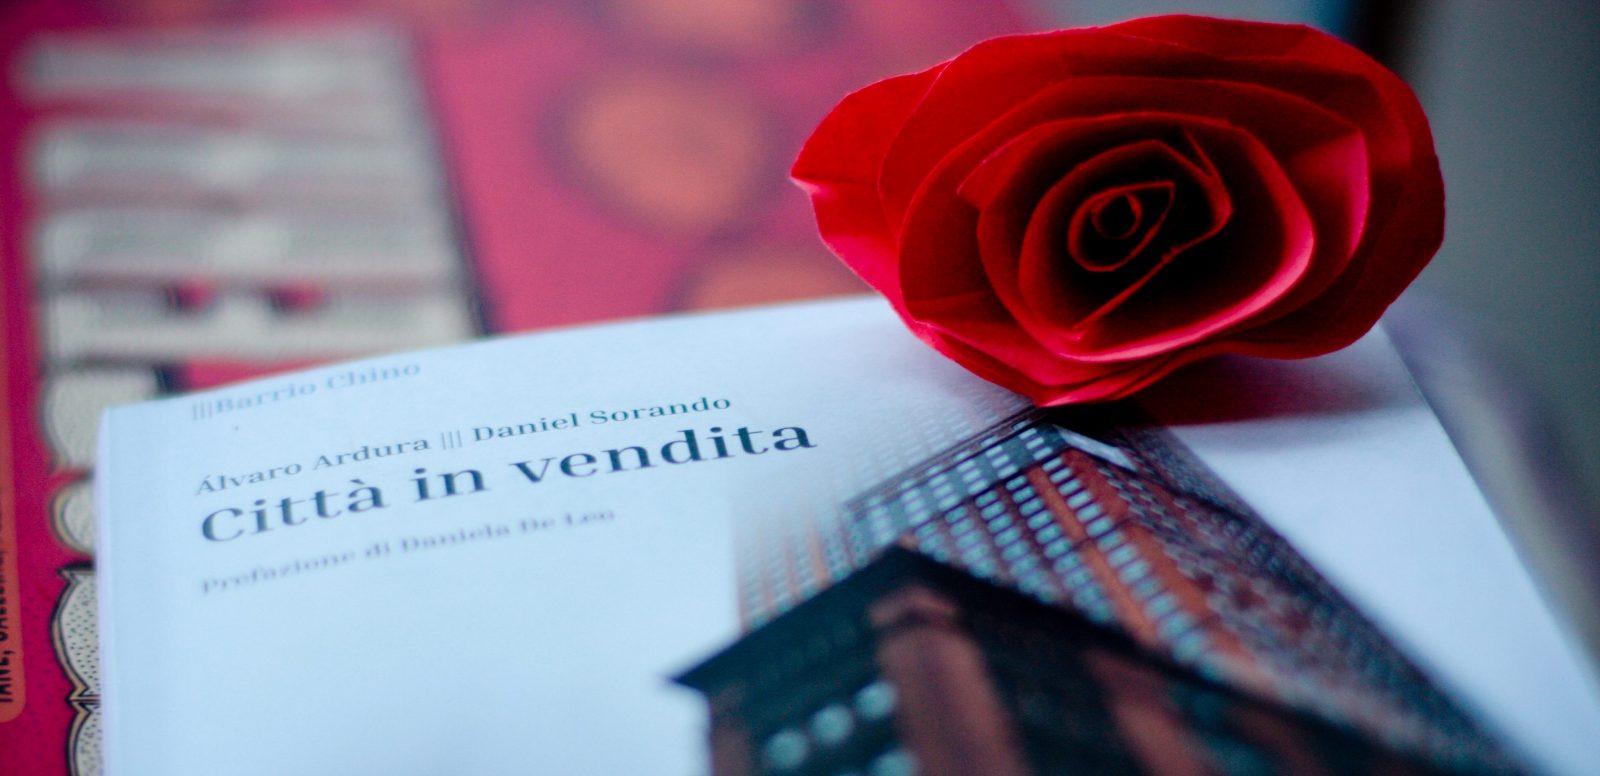 bookroses-il-giardino-del-mago-presenta-le-edizioni-red-star-pres-e-citta-in-vendita